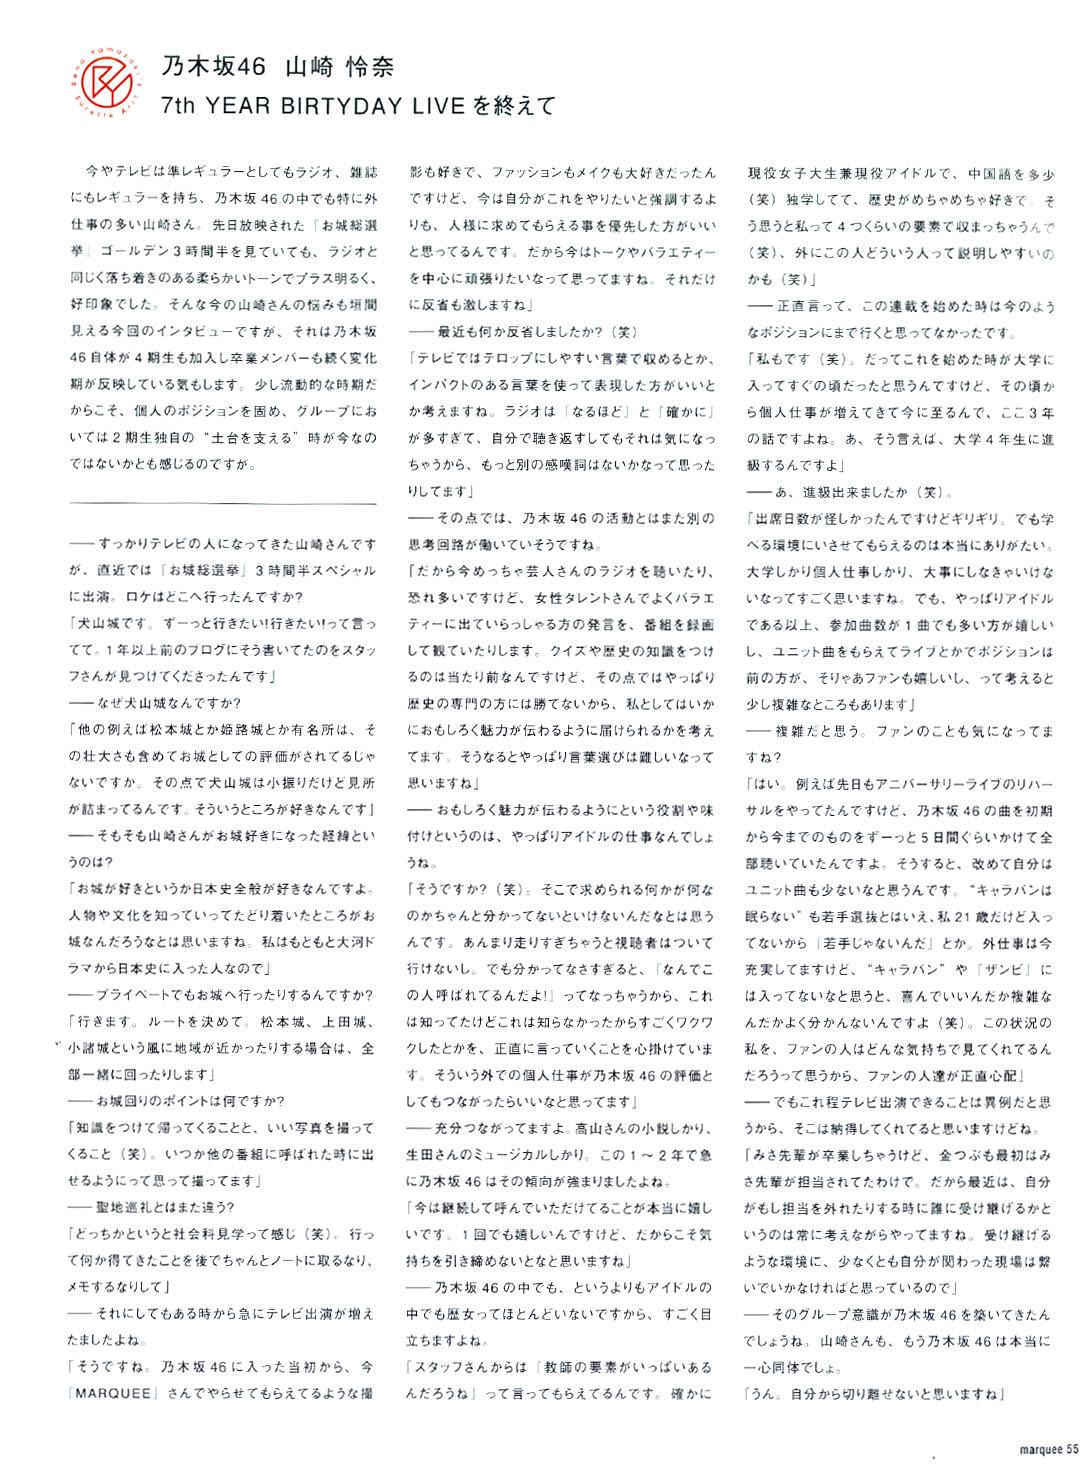 Mizuki Yamashita Marquee 132 19 06.jpg